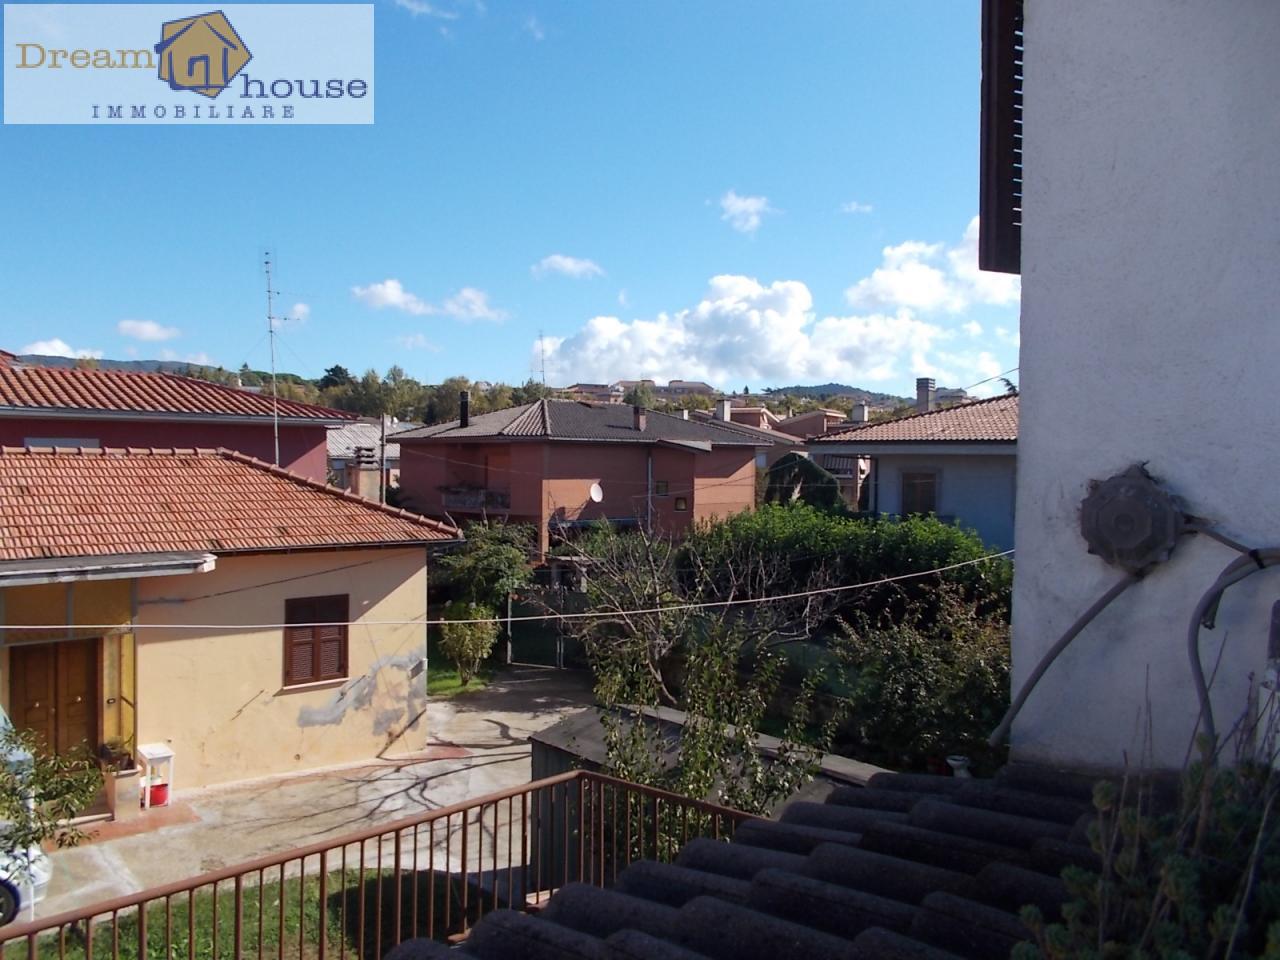 Attico / Mansarda in vendita a Genzano di Roma, 2 locali, prezzo € 55.000 | CambioCasa.it